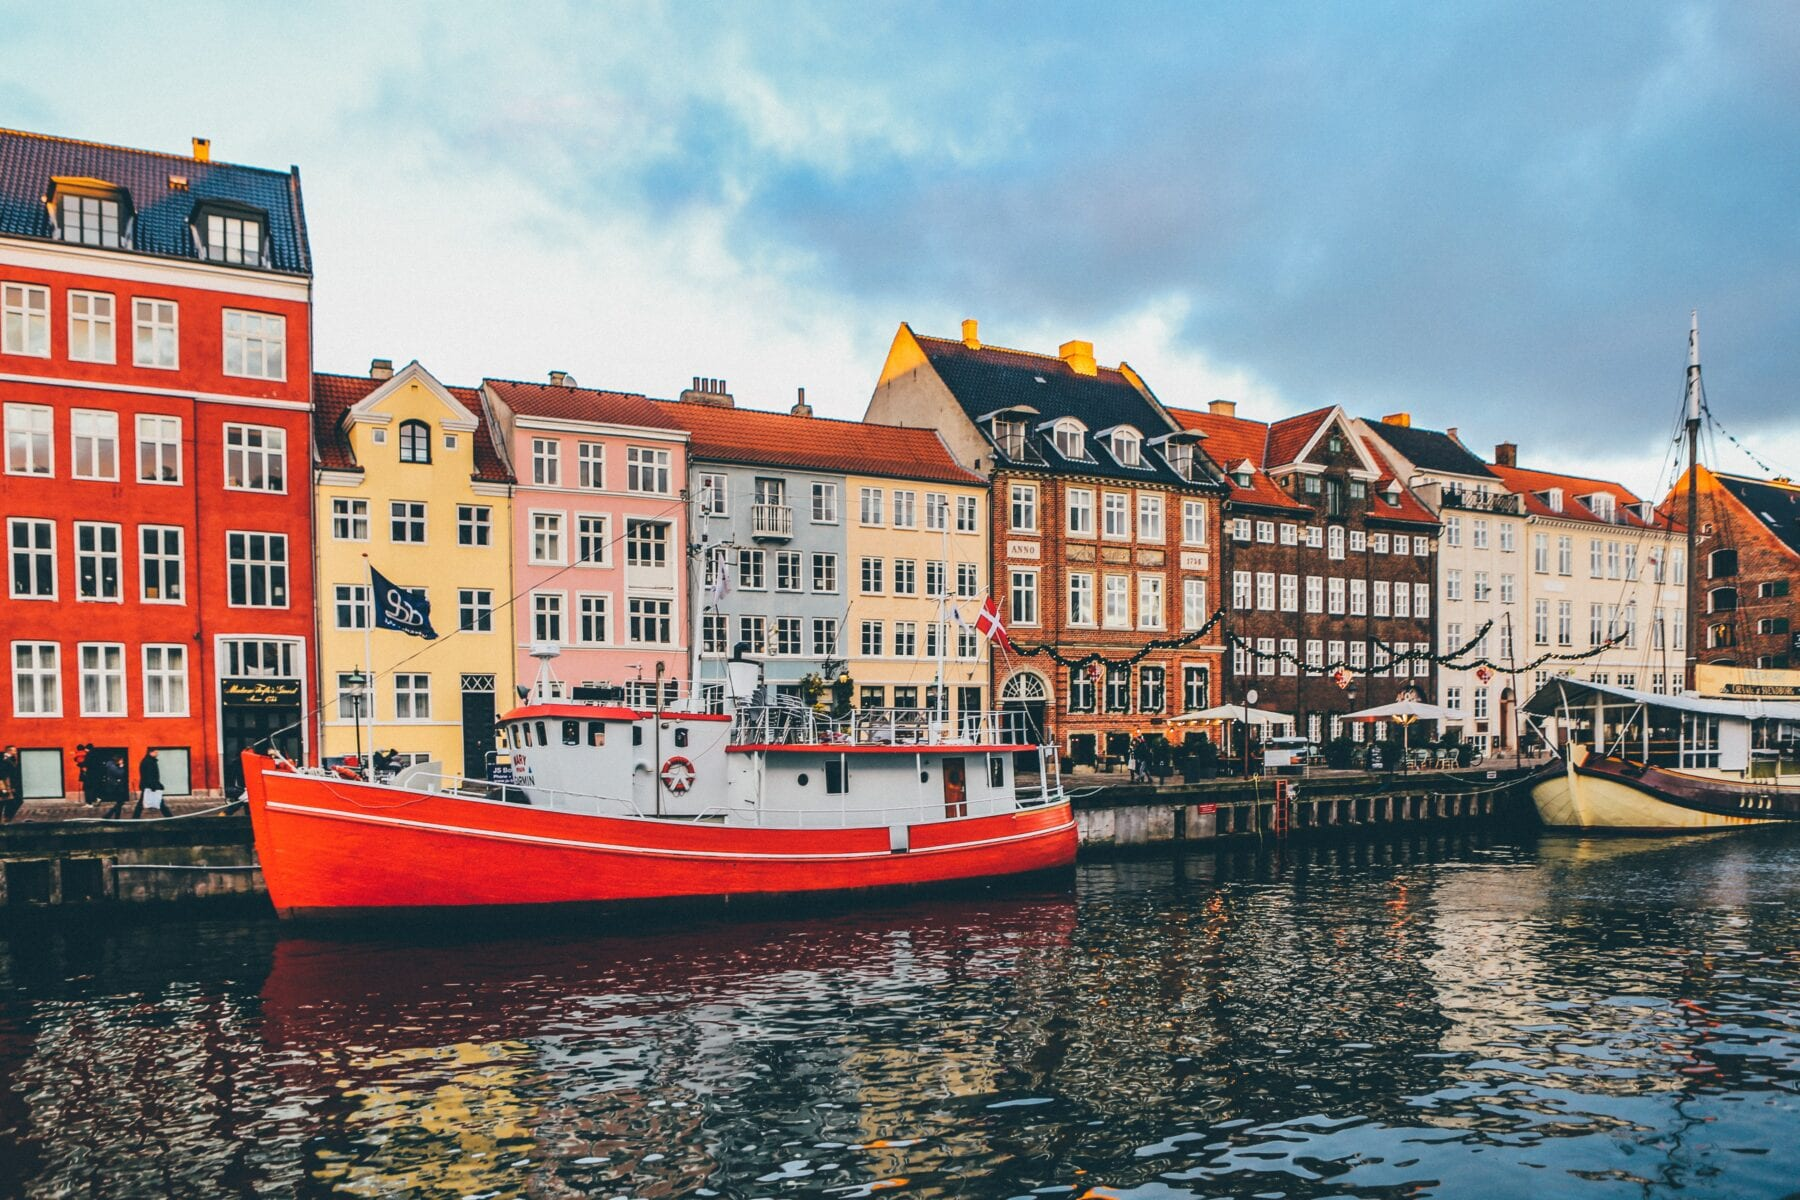 De grachten van Kopenhagen